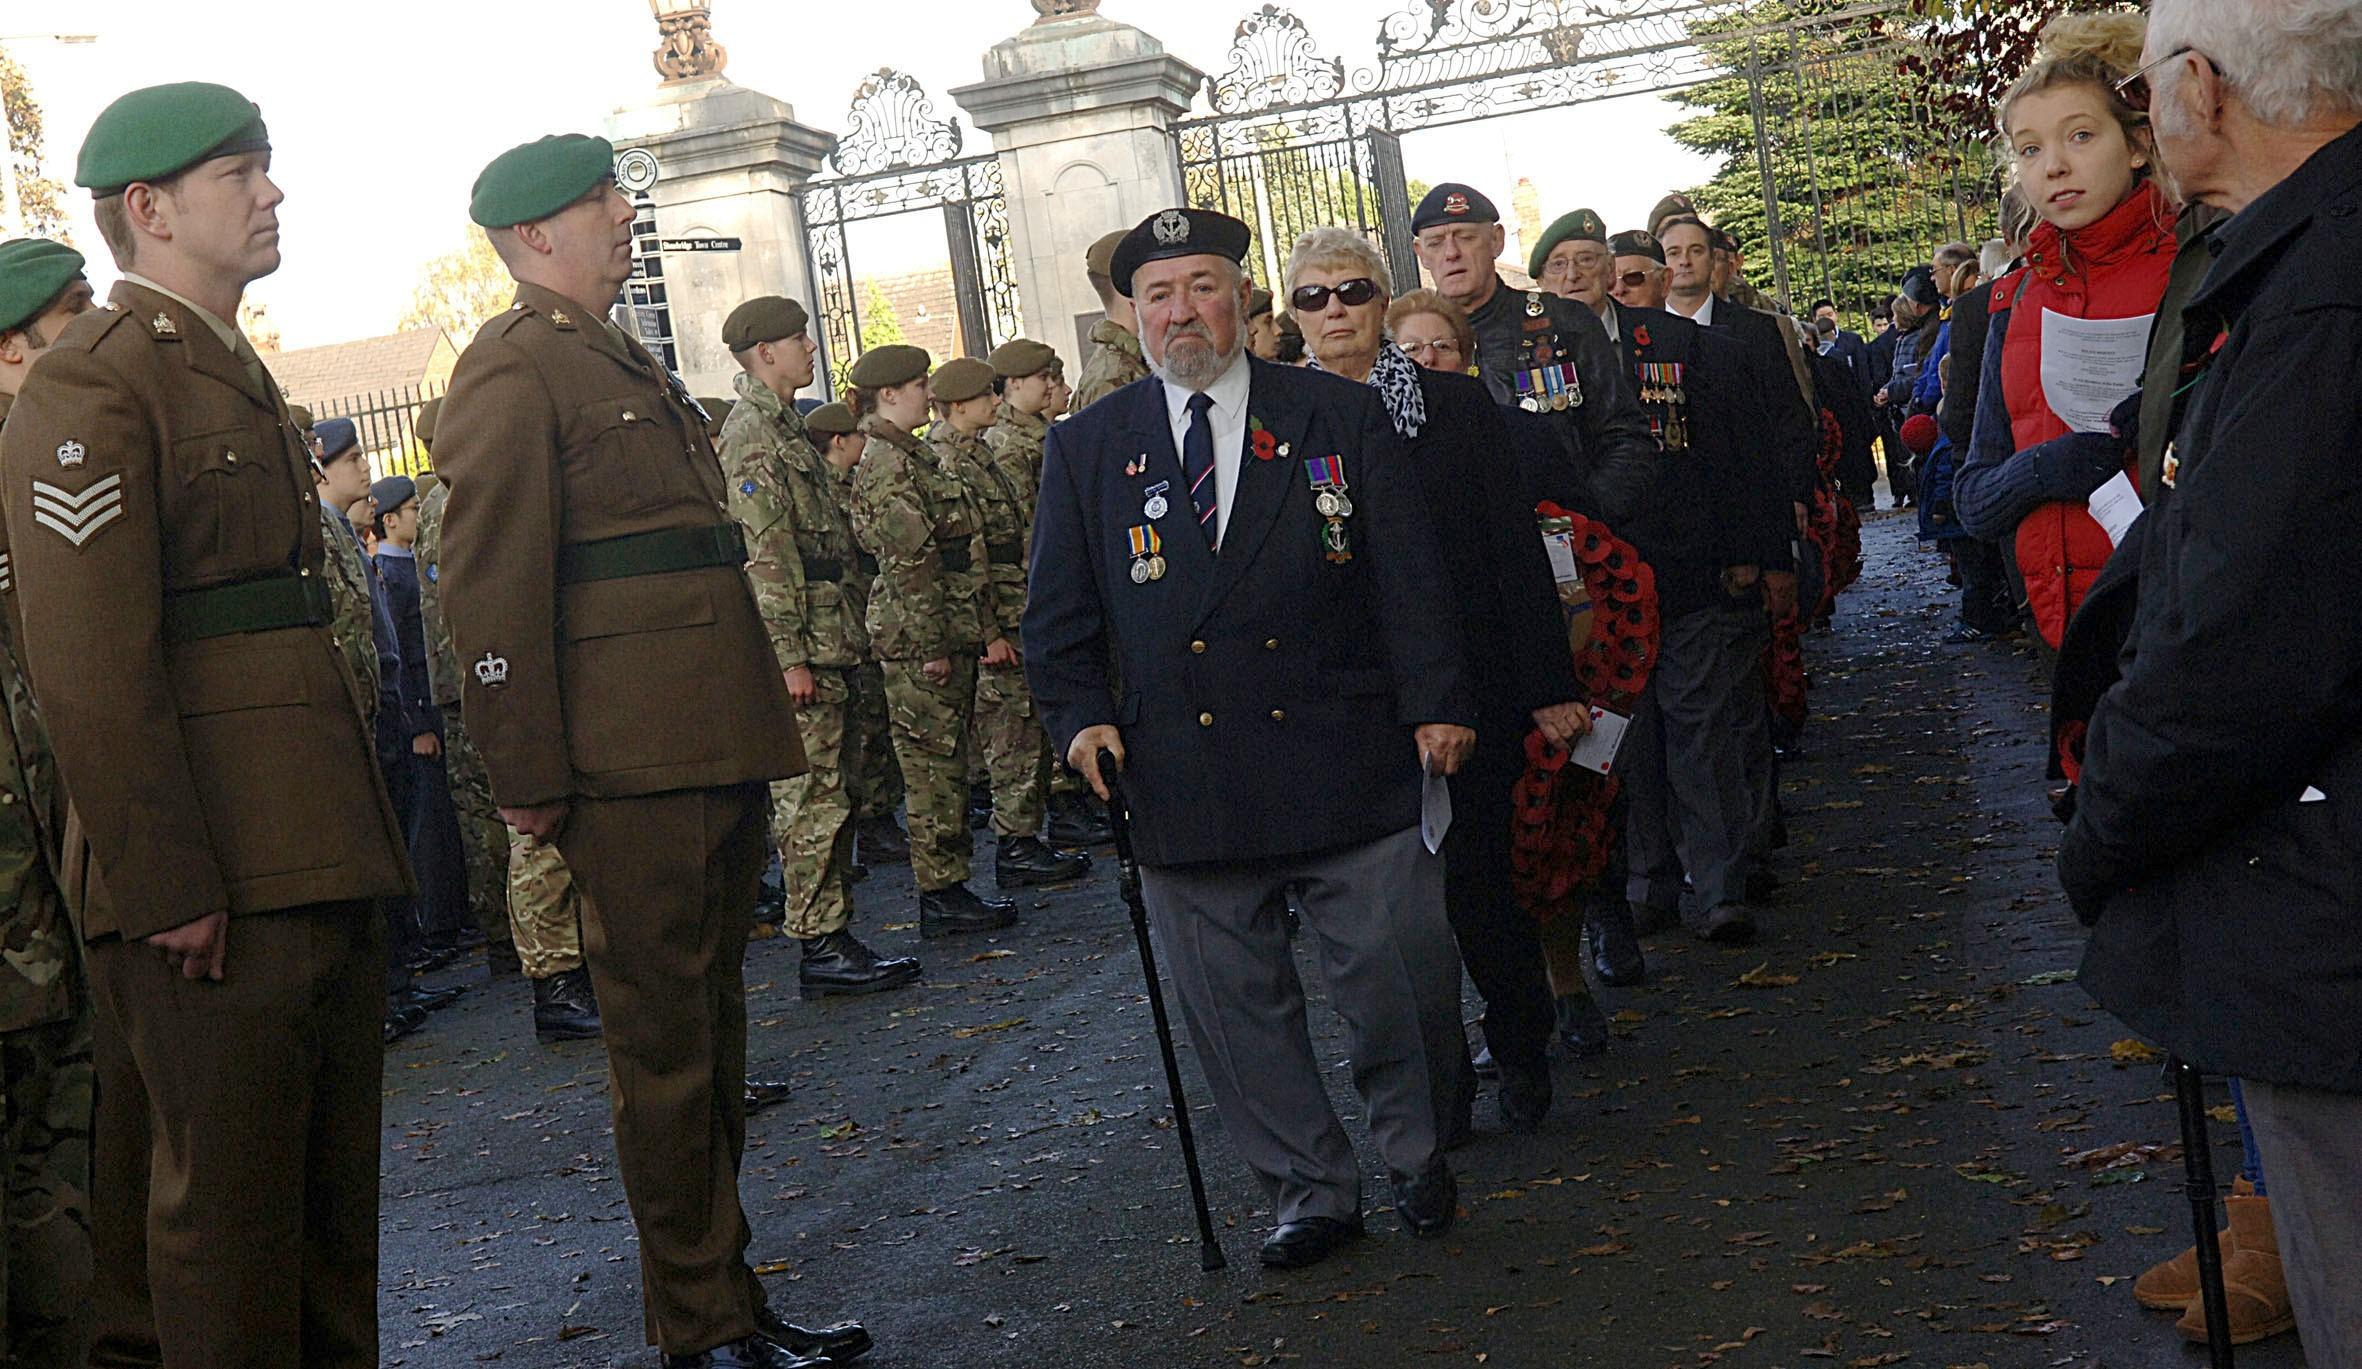 Солдаты показали пенисы